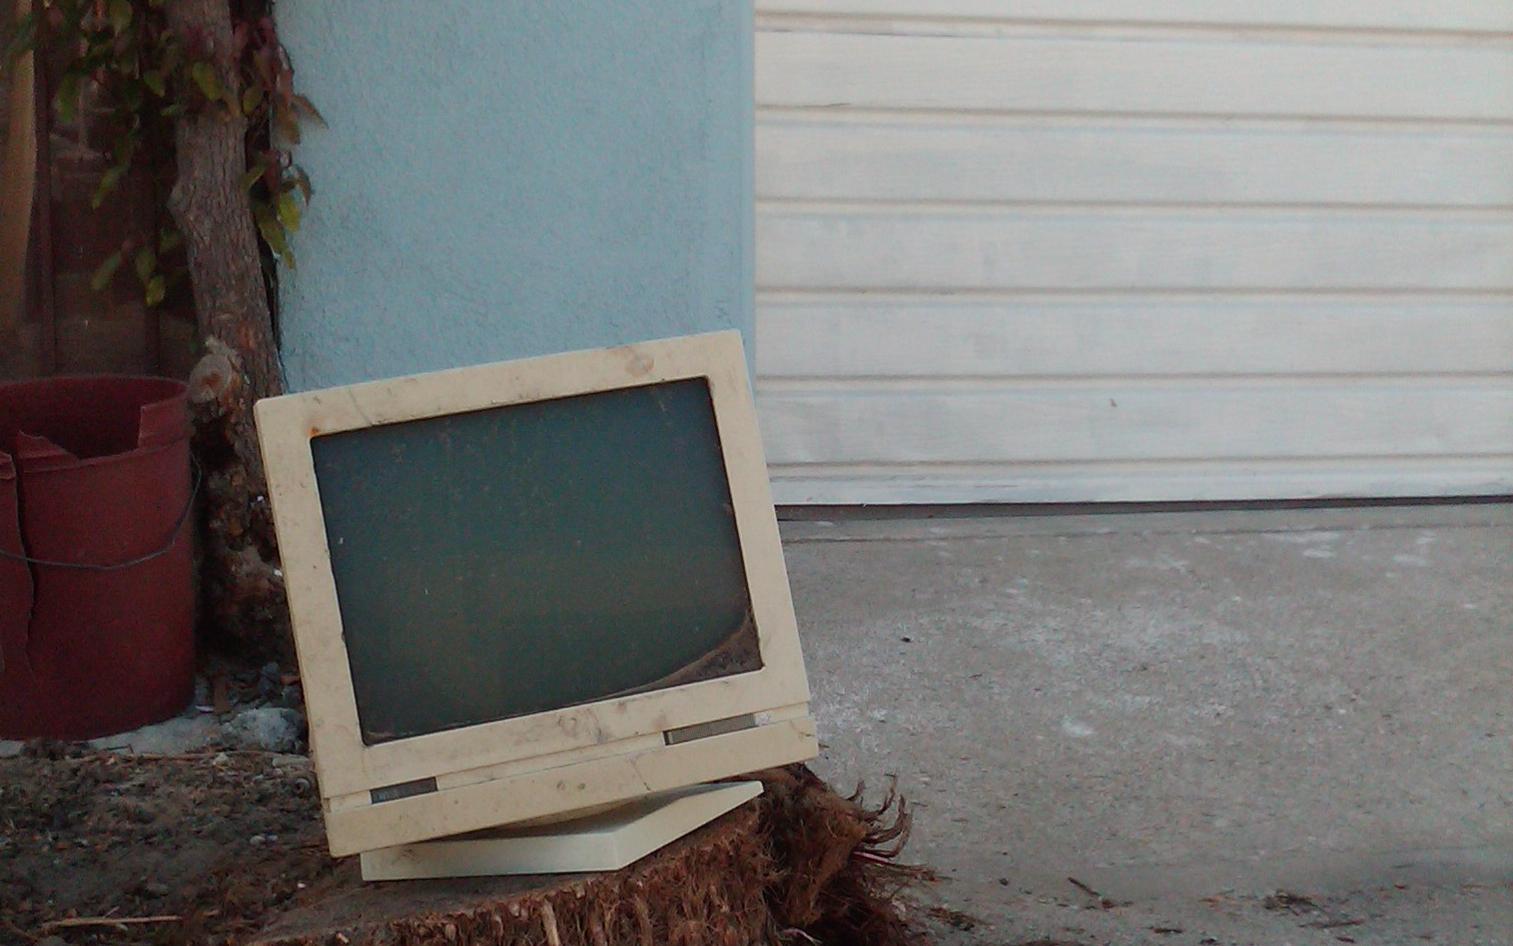 Broken Monitor-1